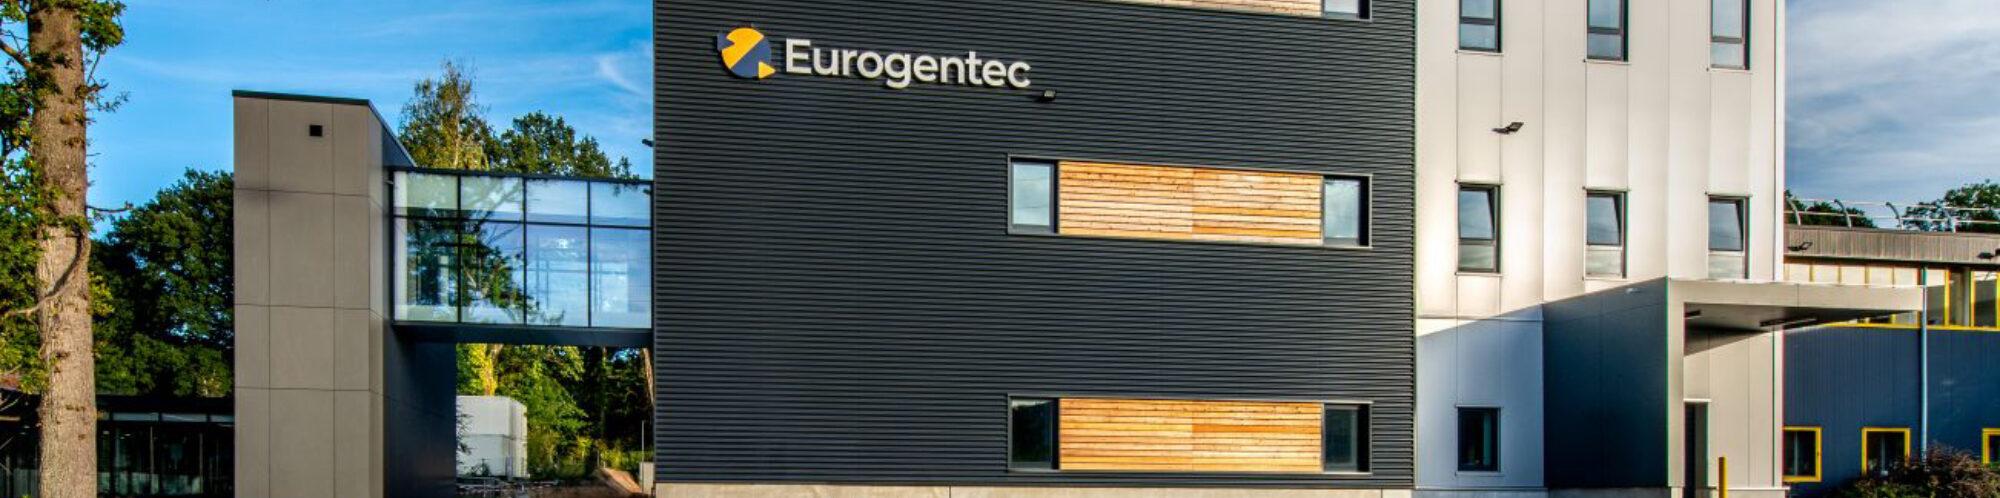 Batitec batiement industriel eurogentec